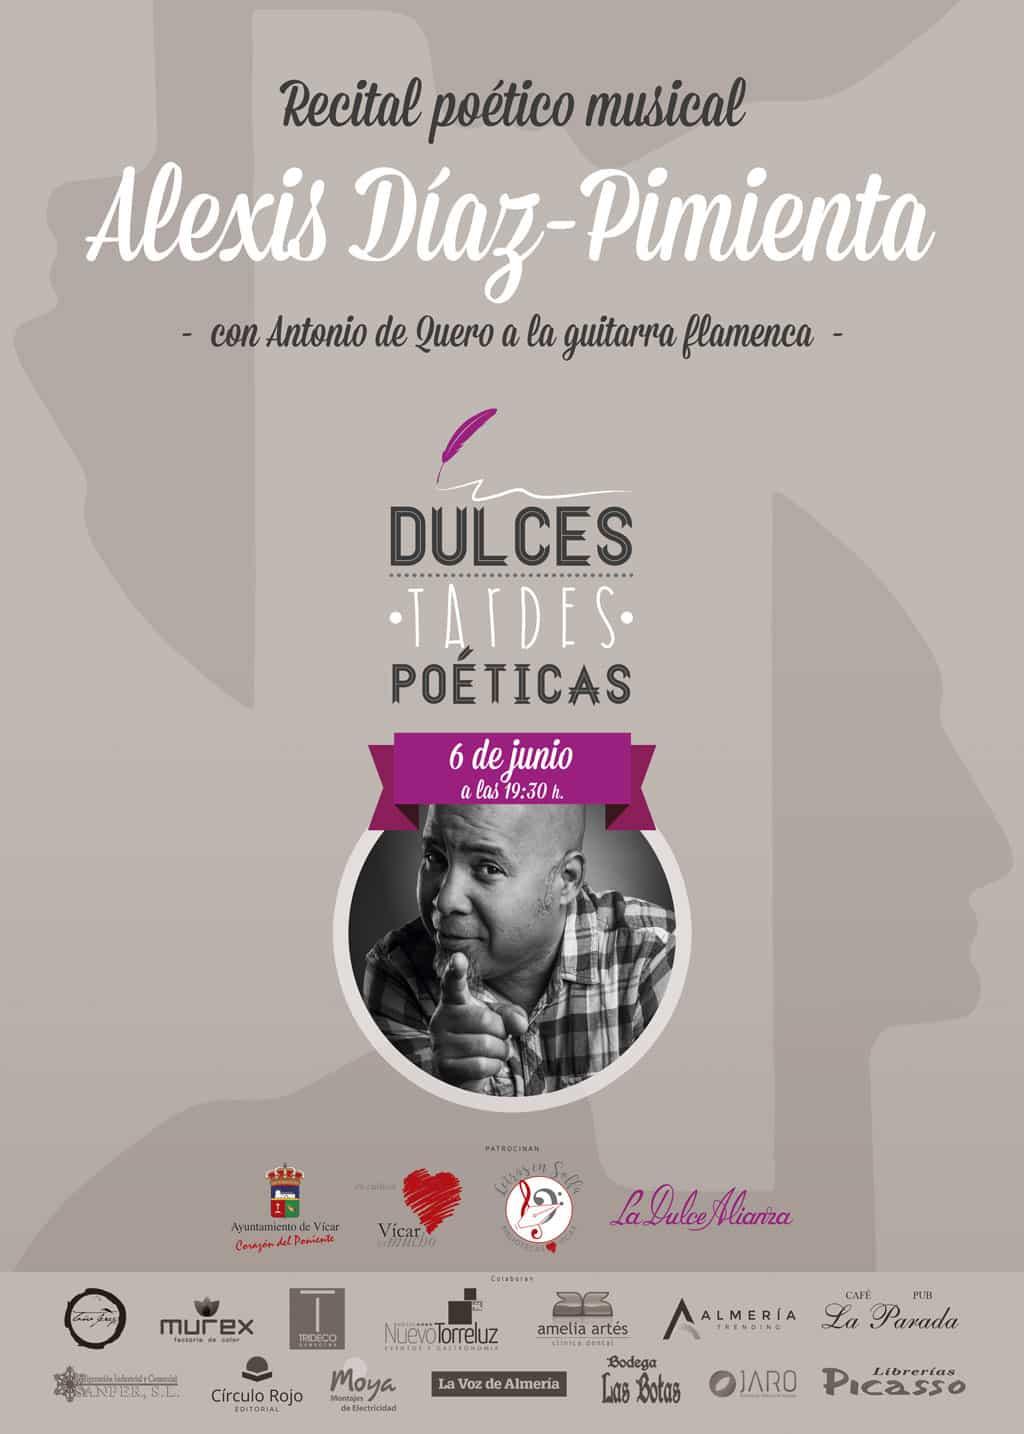 alexis-diaz-pimienta